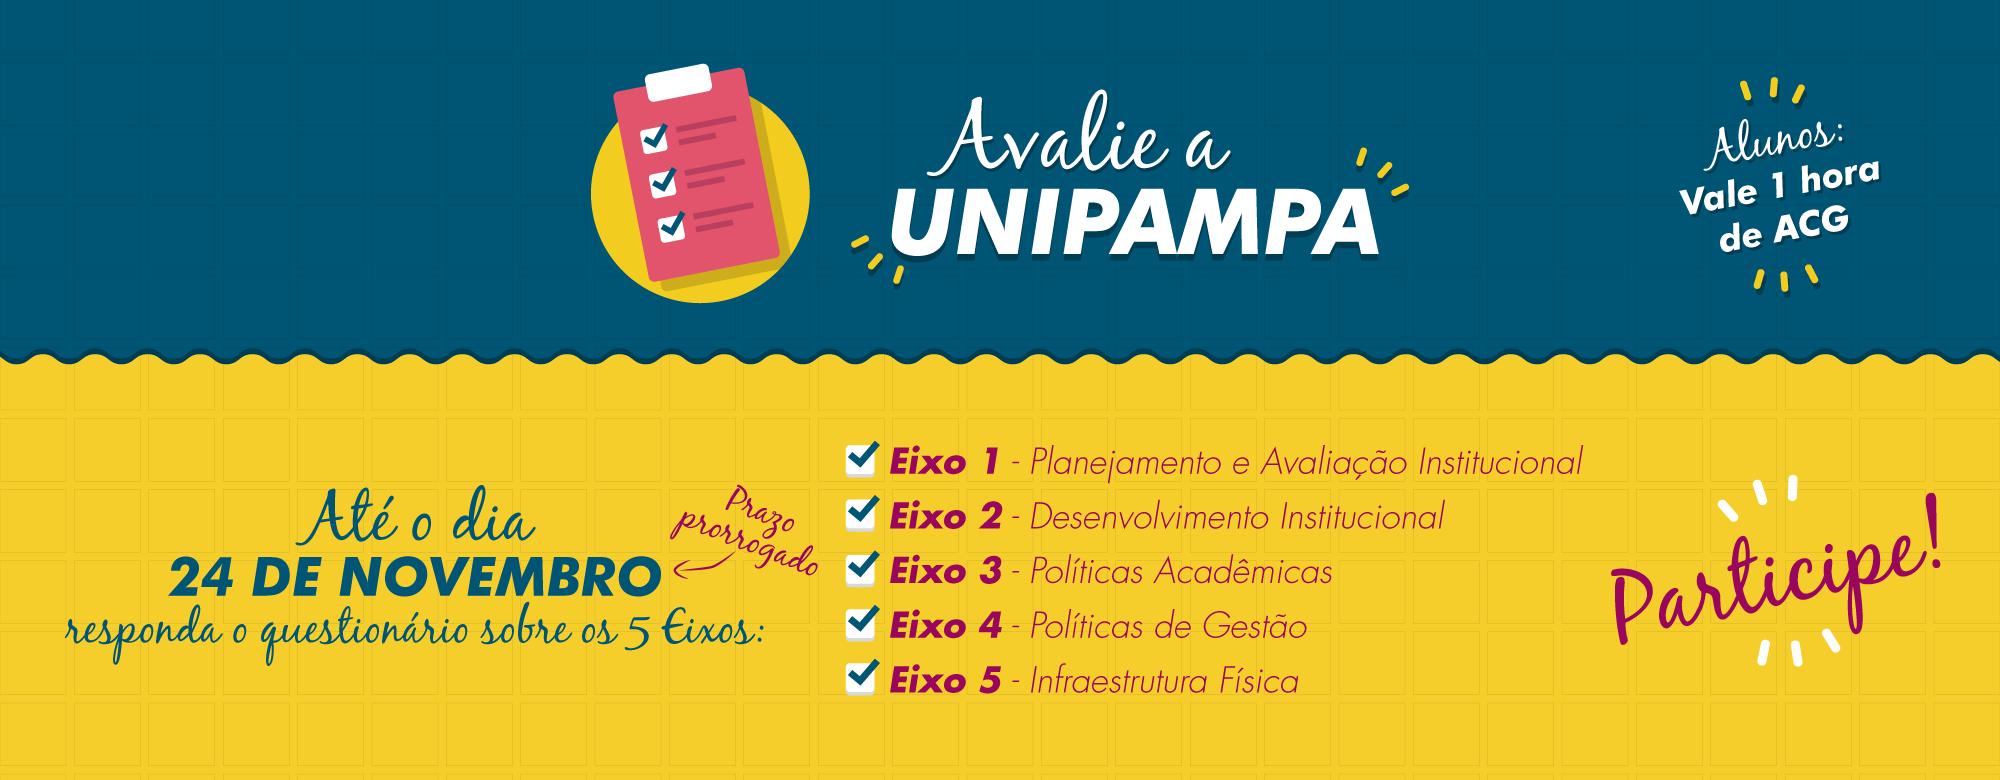 """Banner publicitário da campanha """"Avalie a Unipampa"""""""